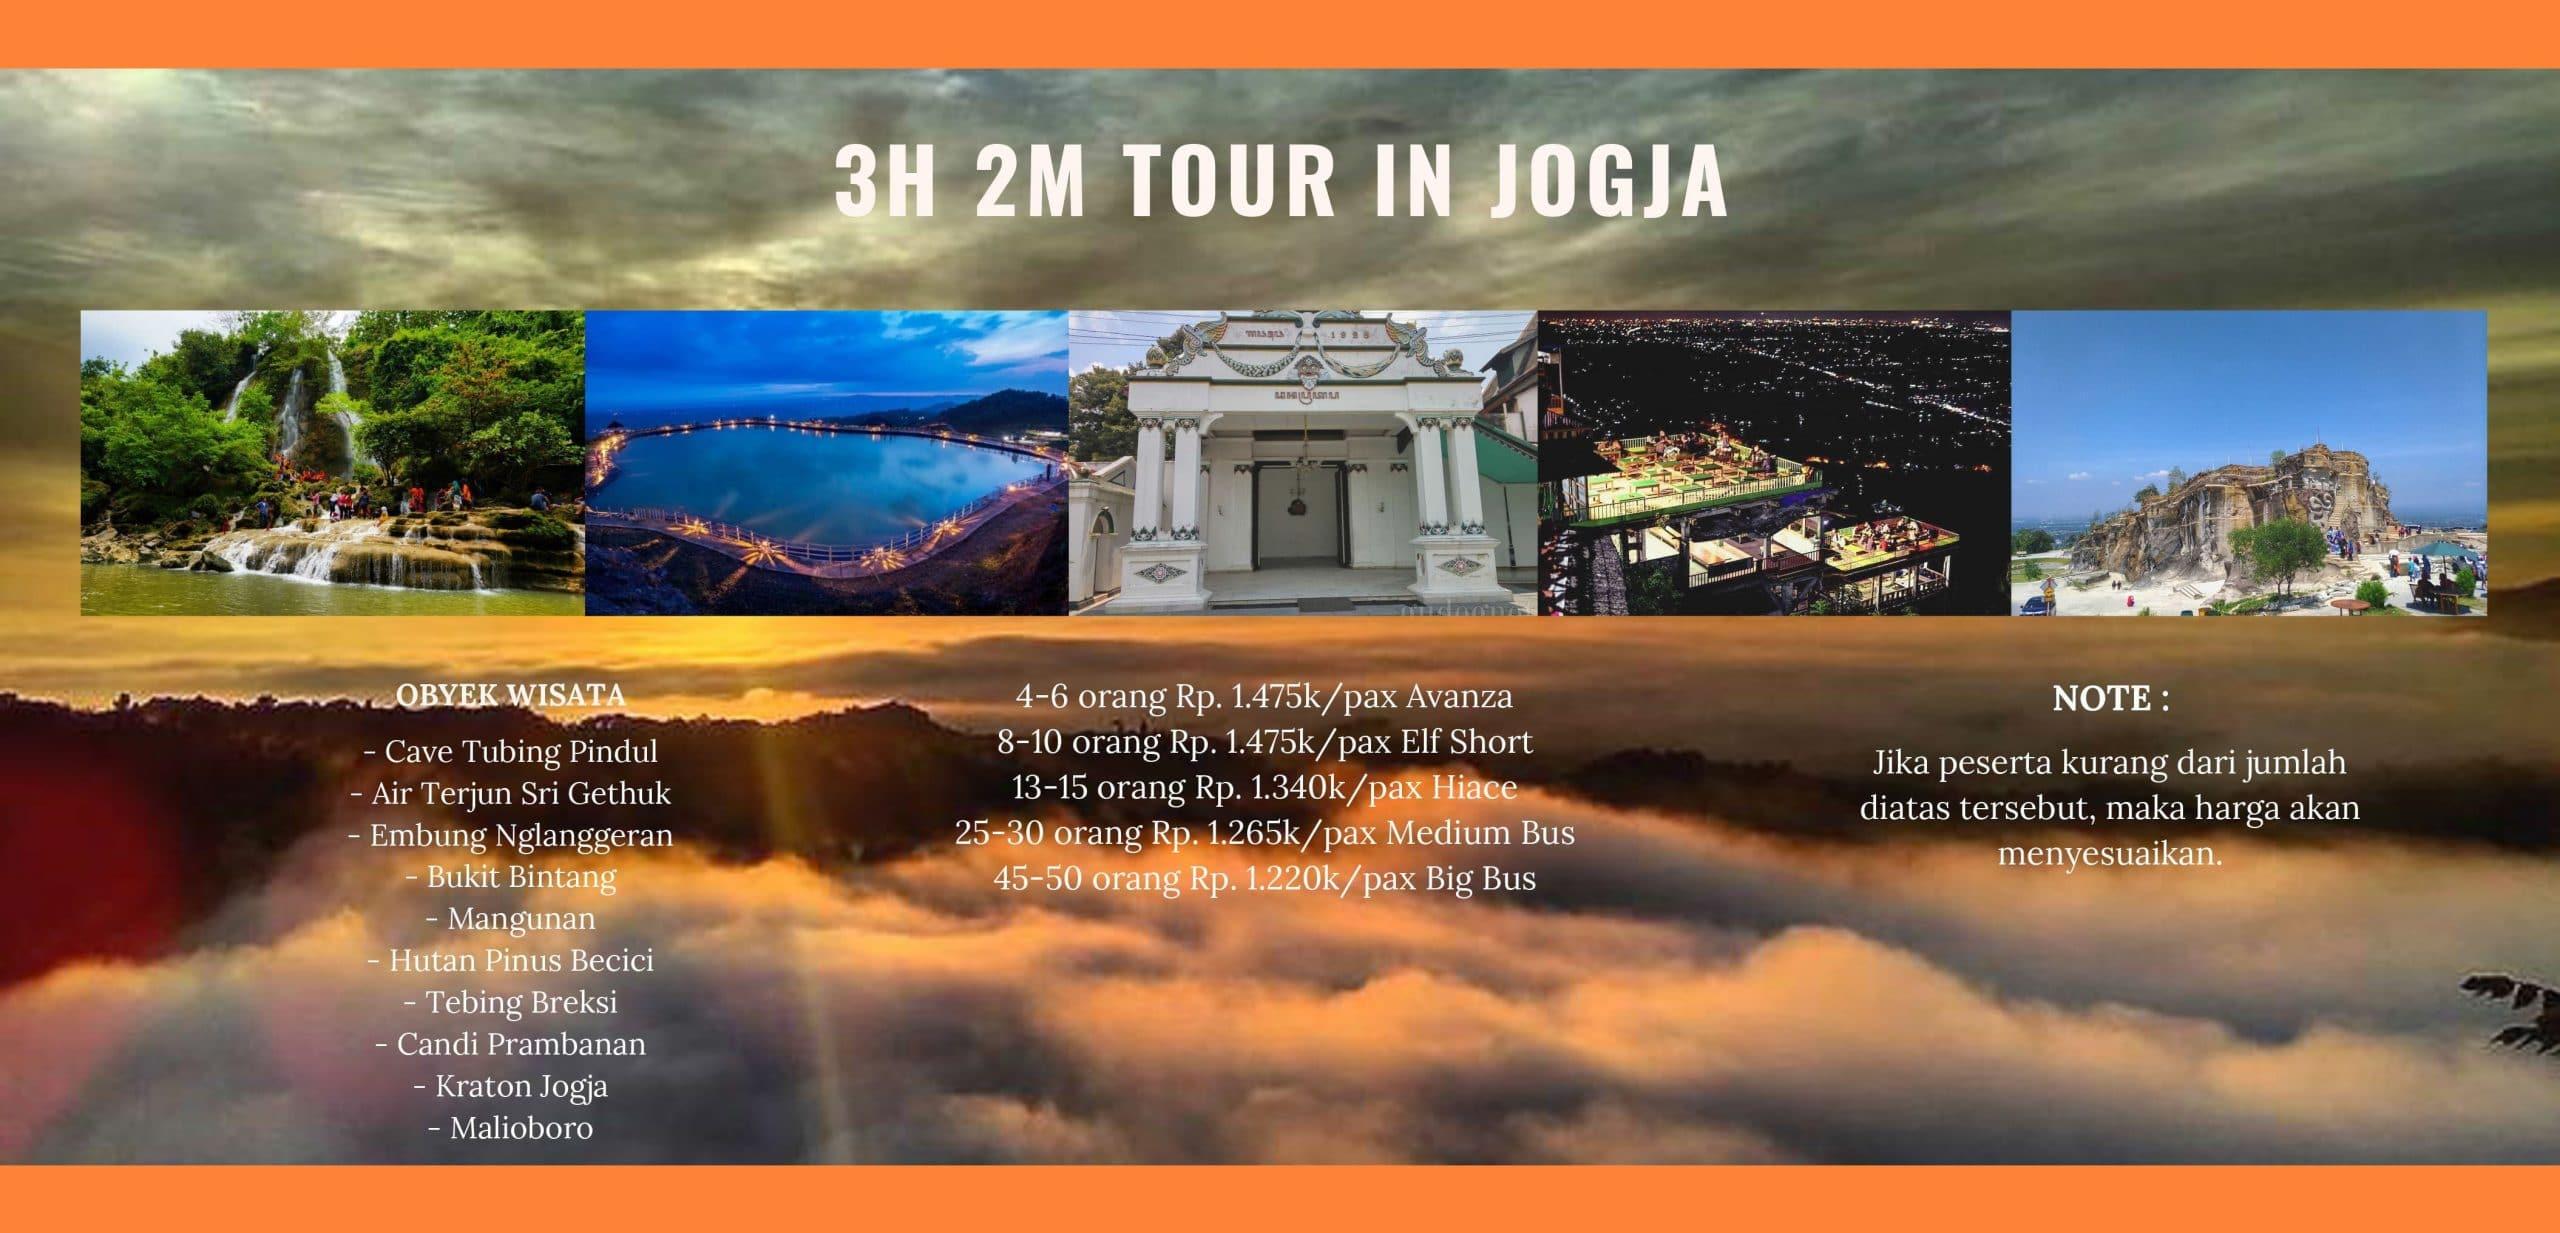 Paket Tour Jogja 3H2M Terbaru dan Terlengkap